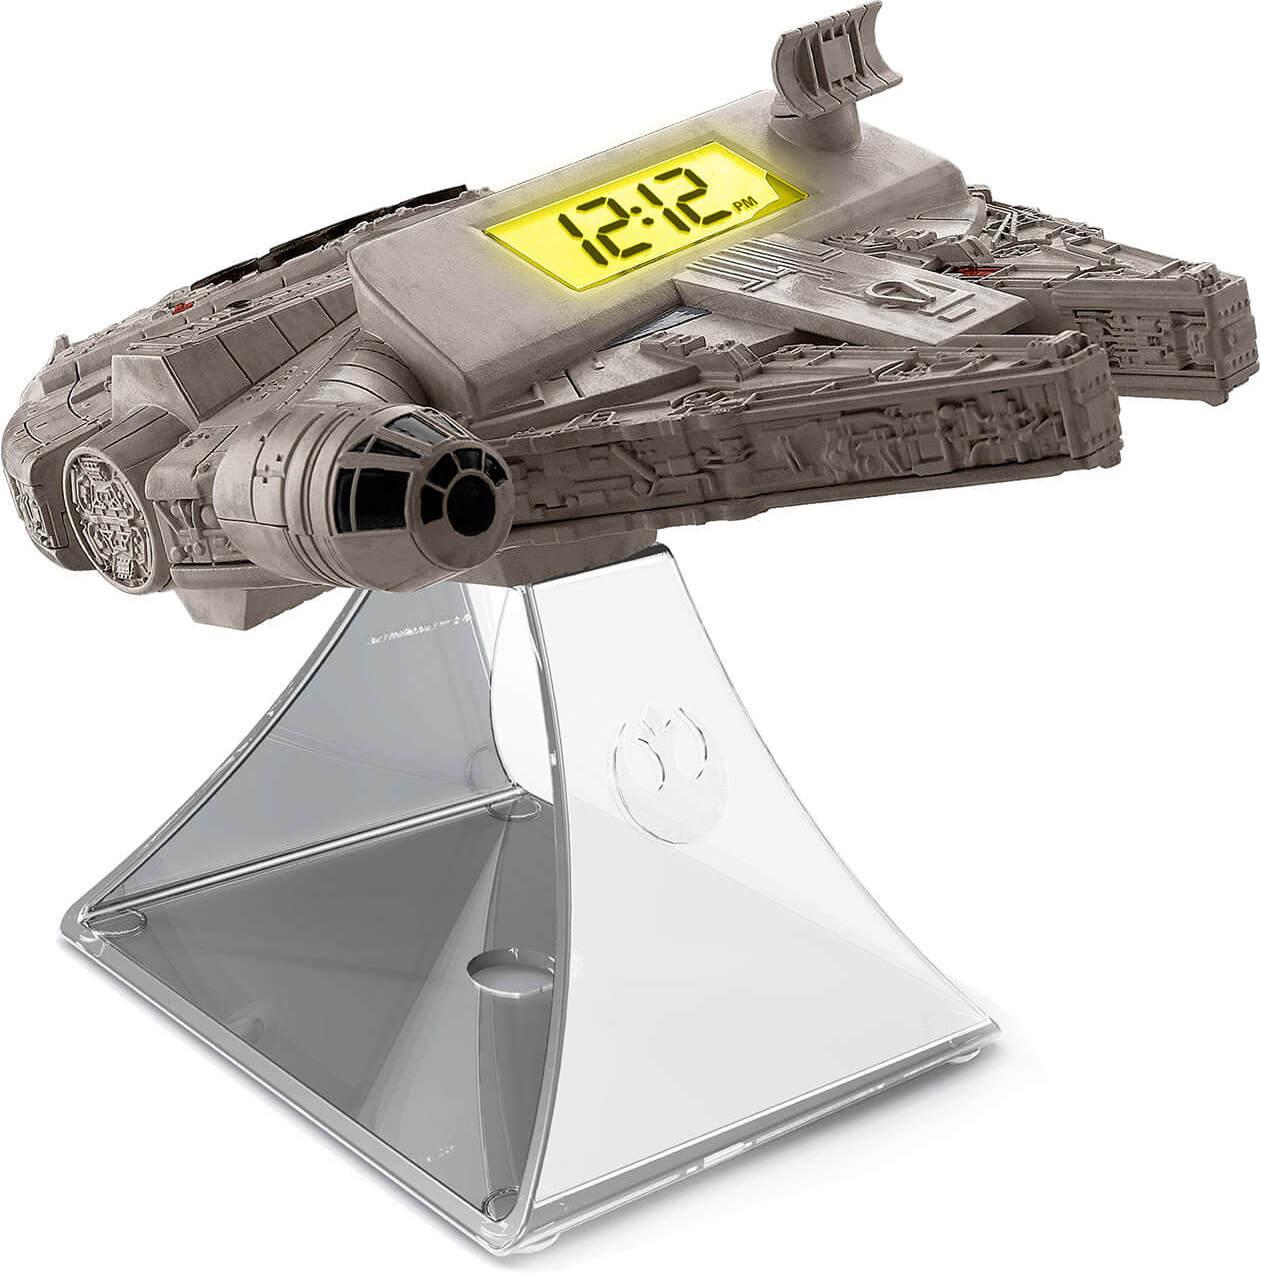 Star Wars Millennium Falcon Radiowecker im Geek Tech Sale - außerdem Darth Vader, BB-8 und andere Bluetoothlautsprecher für 26,68€